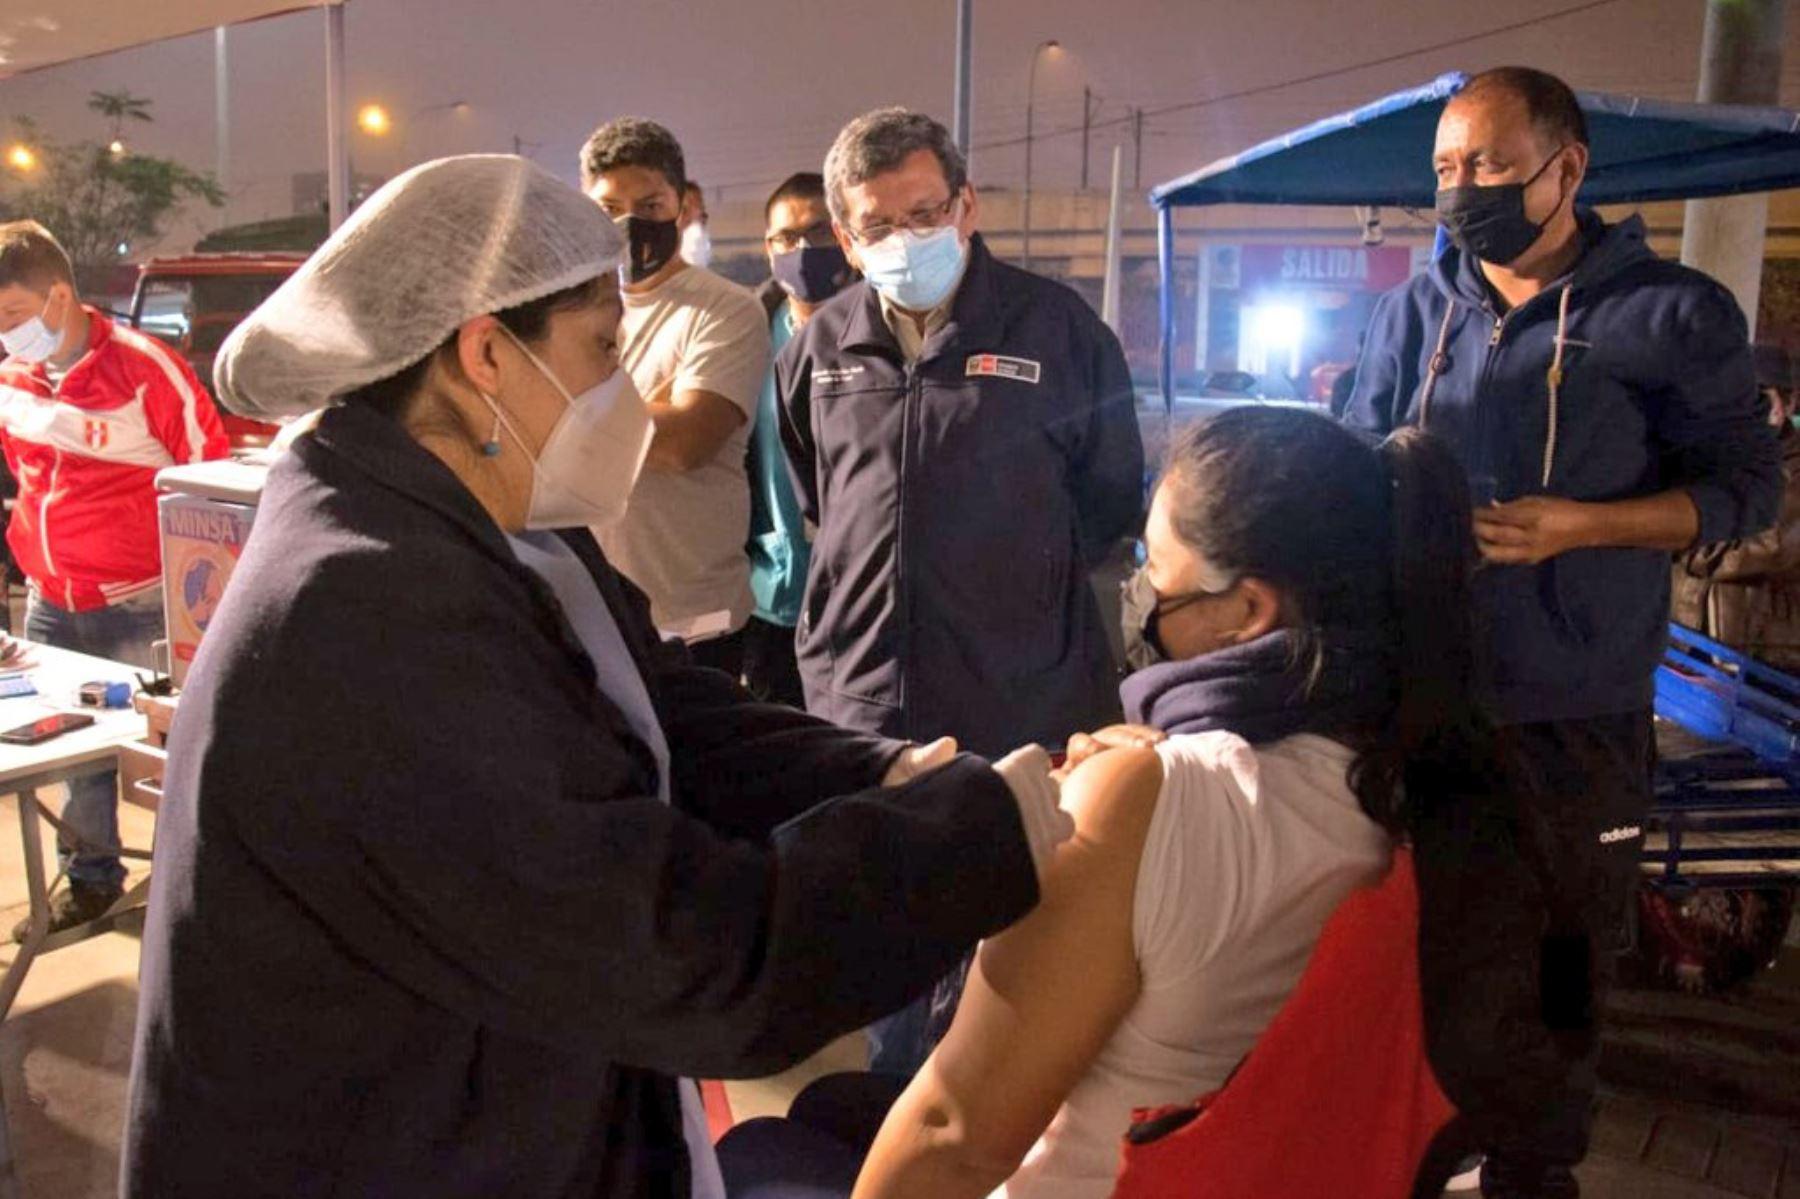 El ministro de Salud, Hernando Cevallos, supervisa la vacunación contra la Covid-19 de los centros de vacunación del Campo de Marte y Videna de San Luis, donde también recoge testimonios de los ciudadanos que acuden por su dosis de vacuna. Foto: ANDINA/MINSA